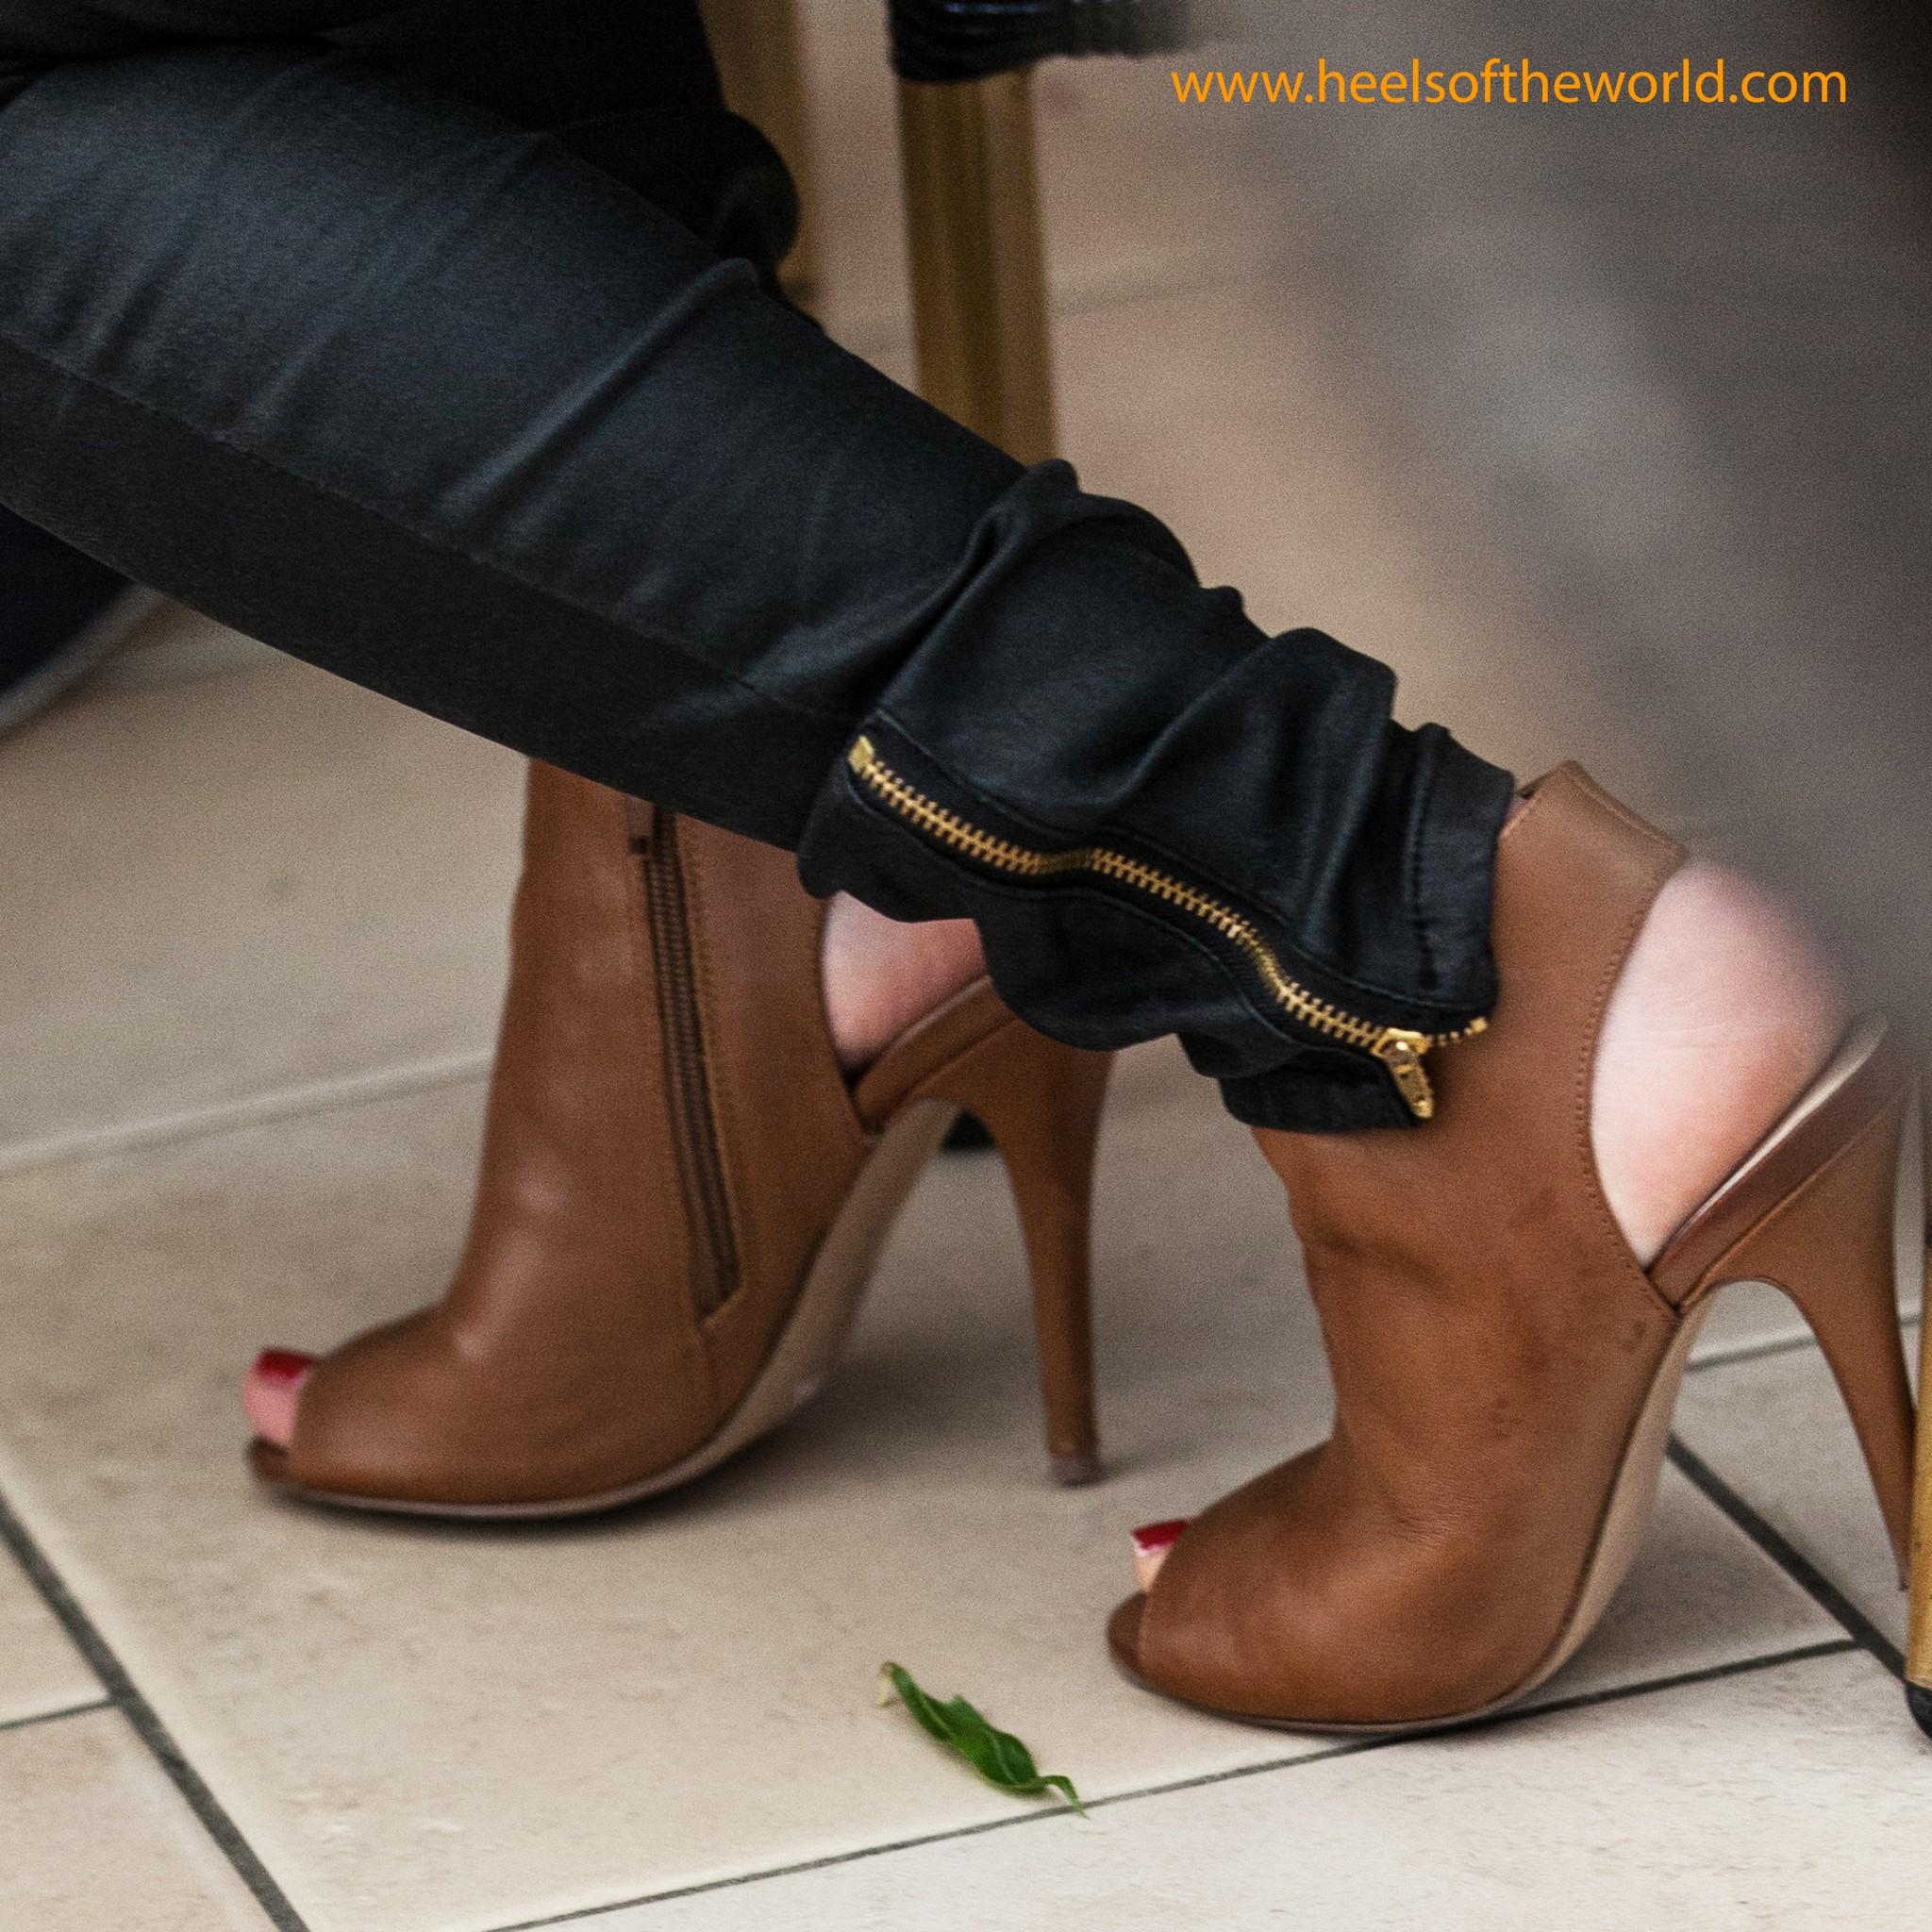 Dutch heels. Brown peep toe booties.